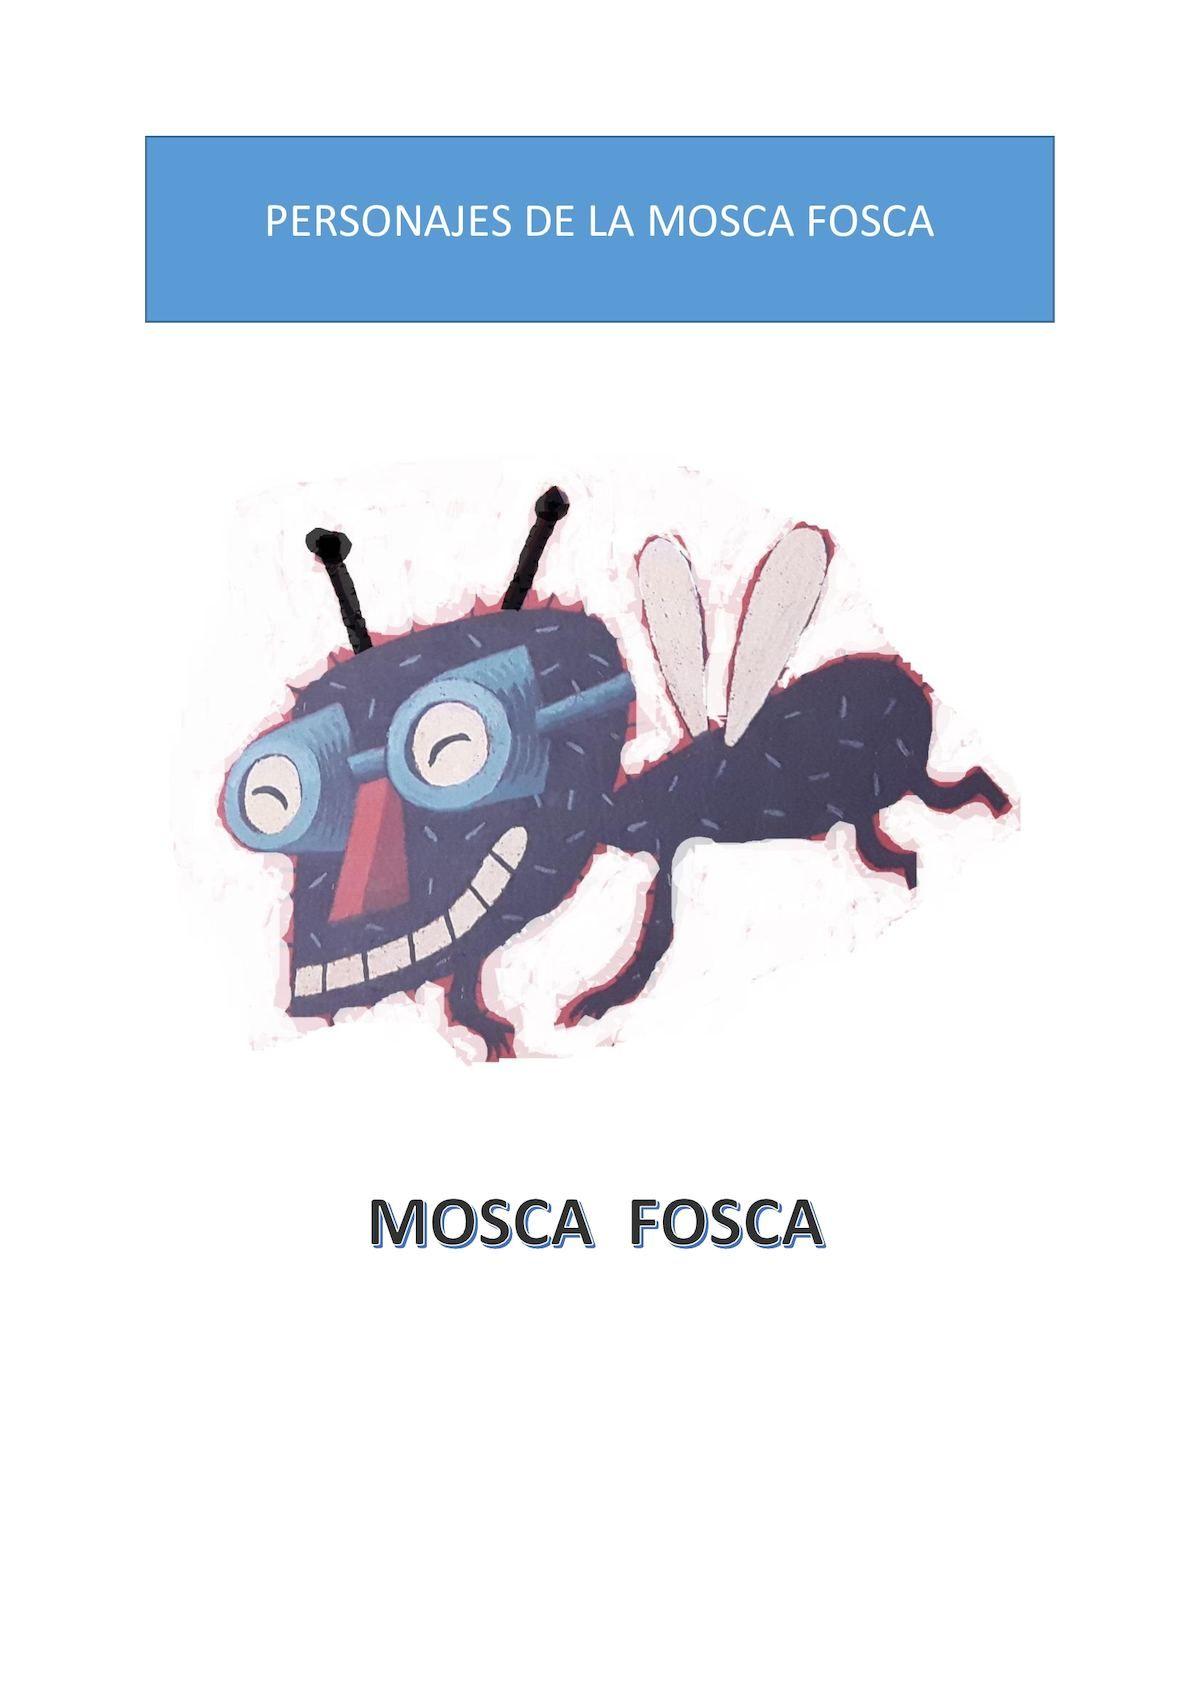 PERSONAJES DE LA CASA DE LA MOSCA FOSCA | A casa da mosca fosca ...